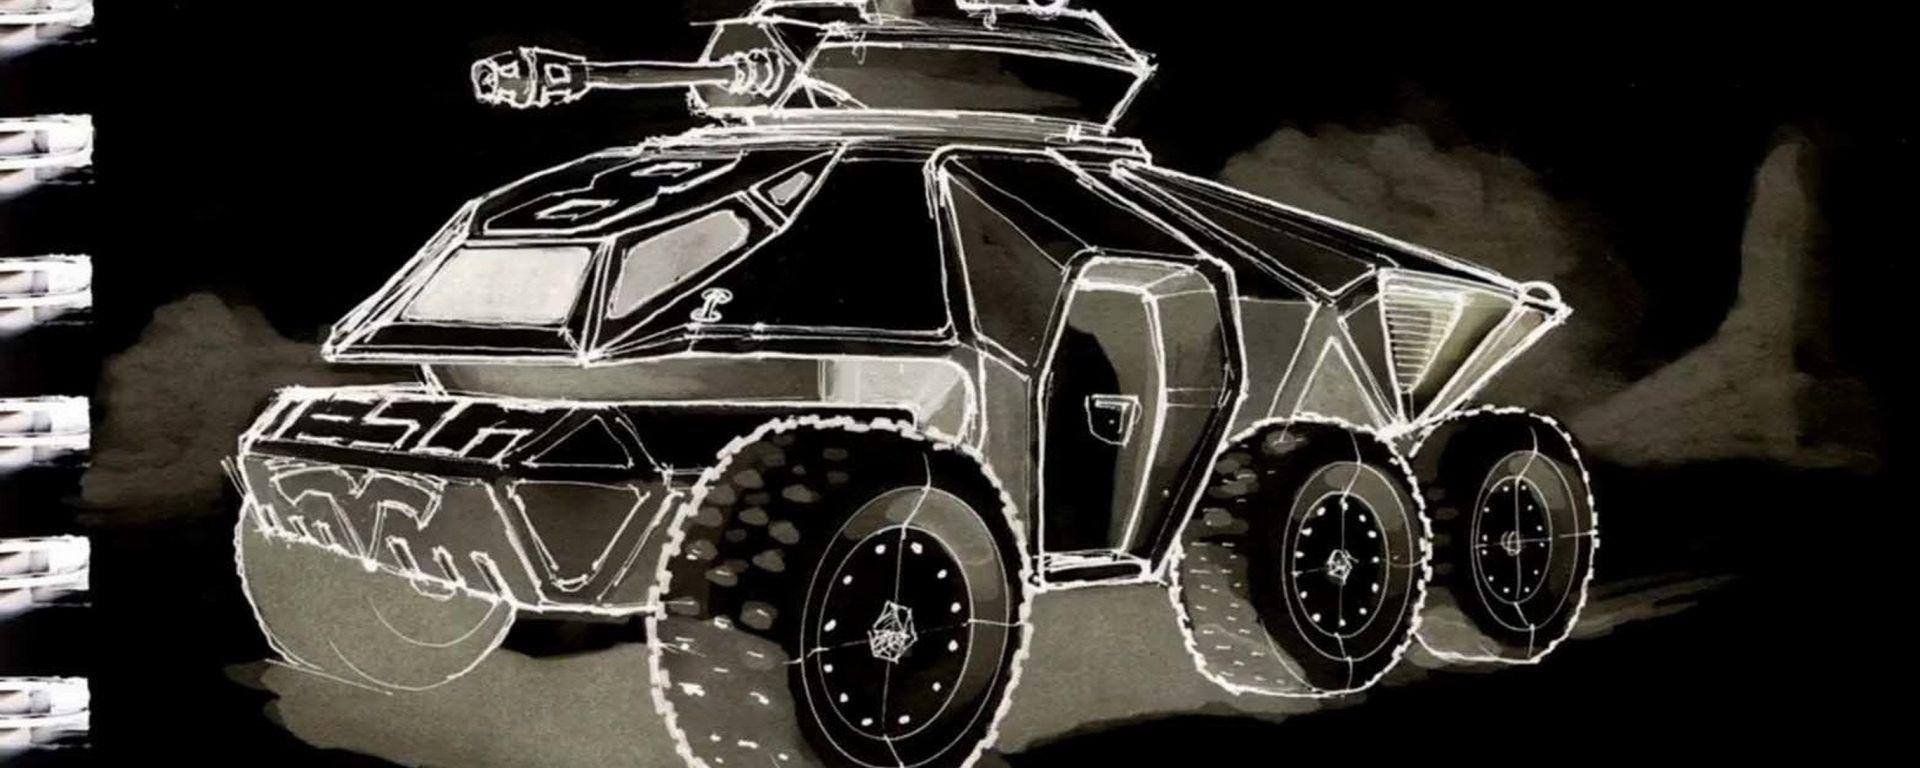 Tesla carro armato, solo immaginazione?